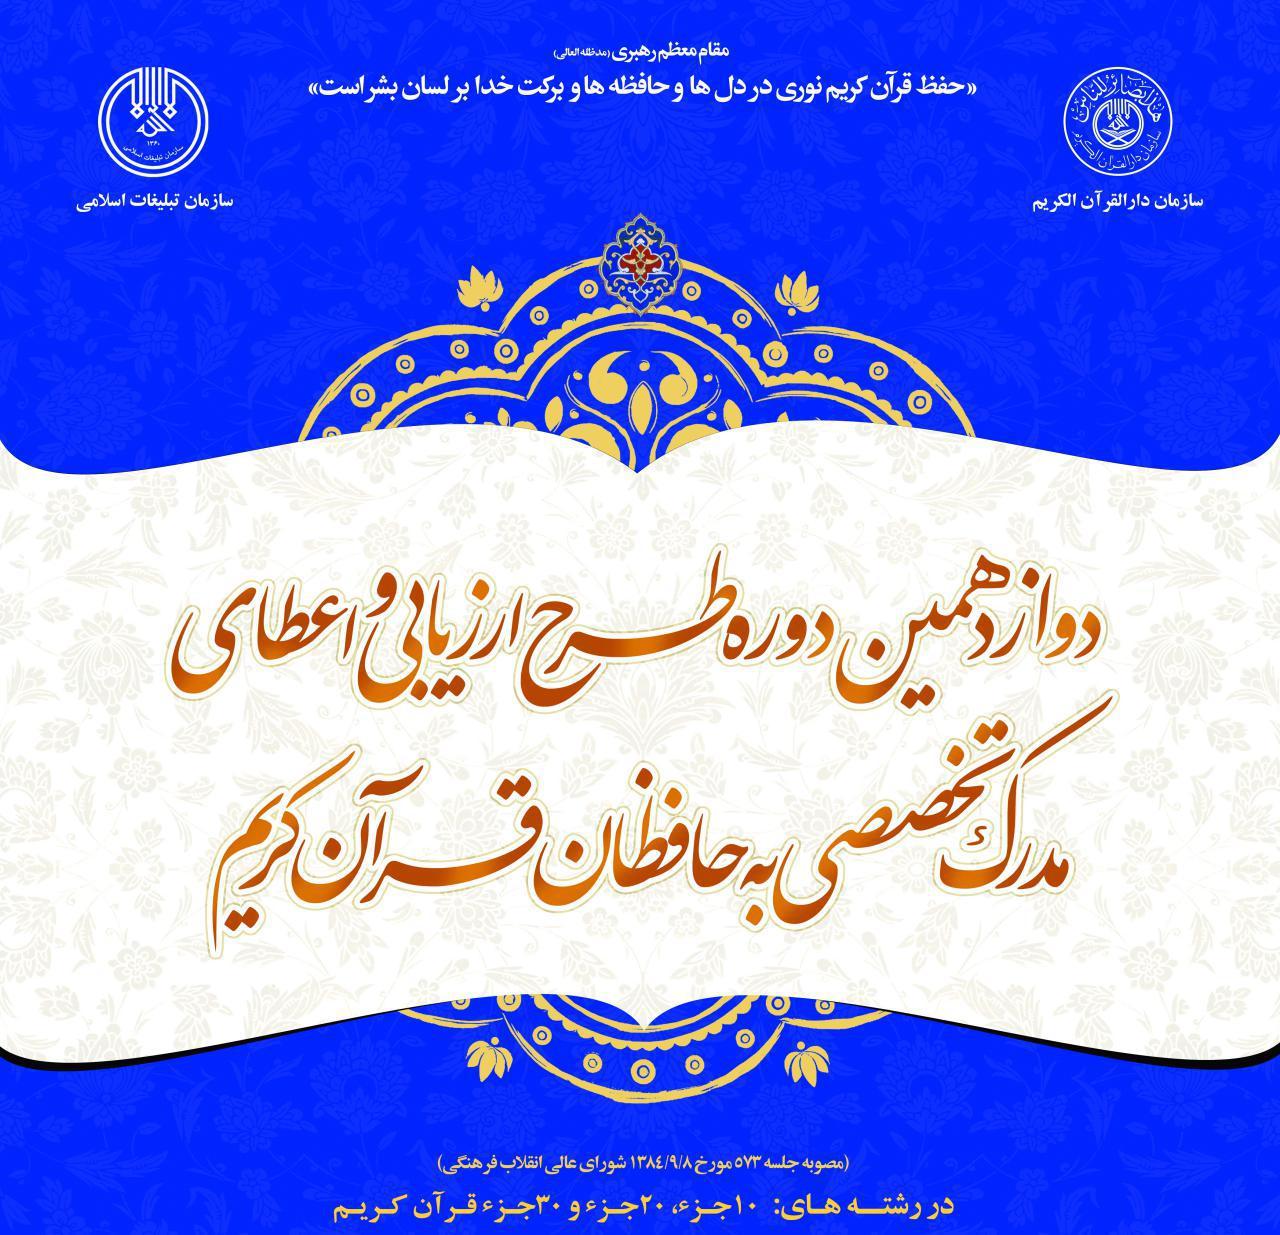 نتایج مرحله سوم دوازدهمین دوره آزمون اعطای مدرک تخصصی به حافظان قرآن کریم اعلام شد